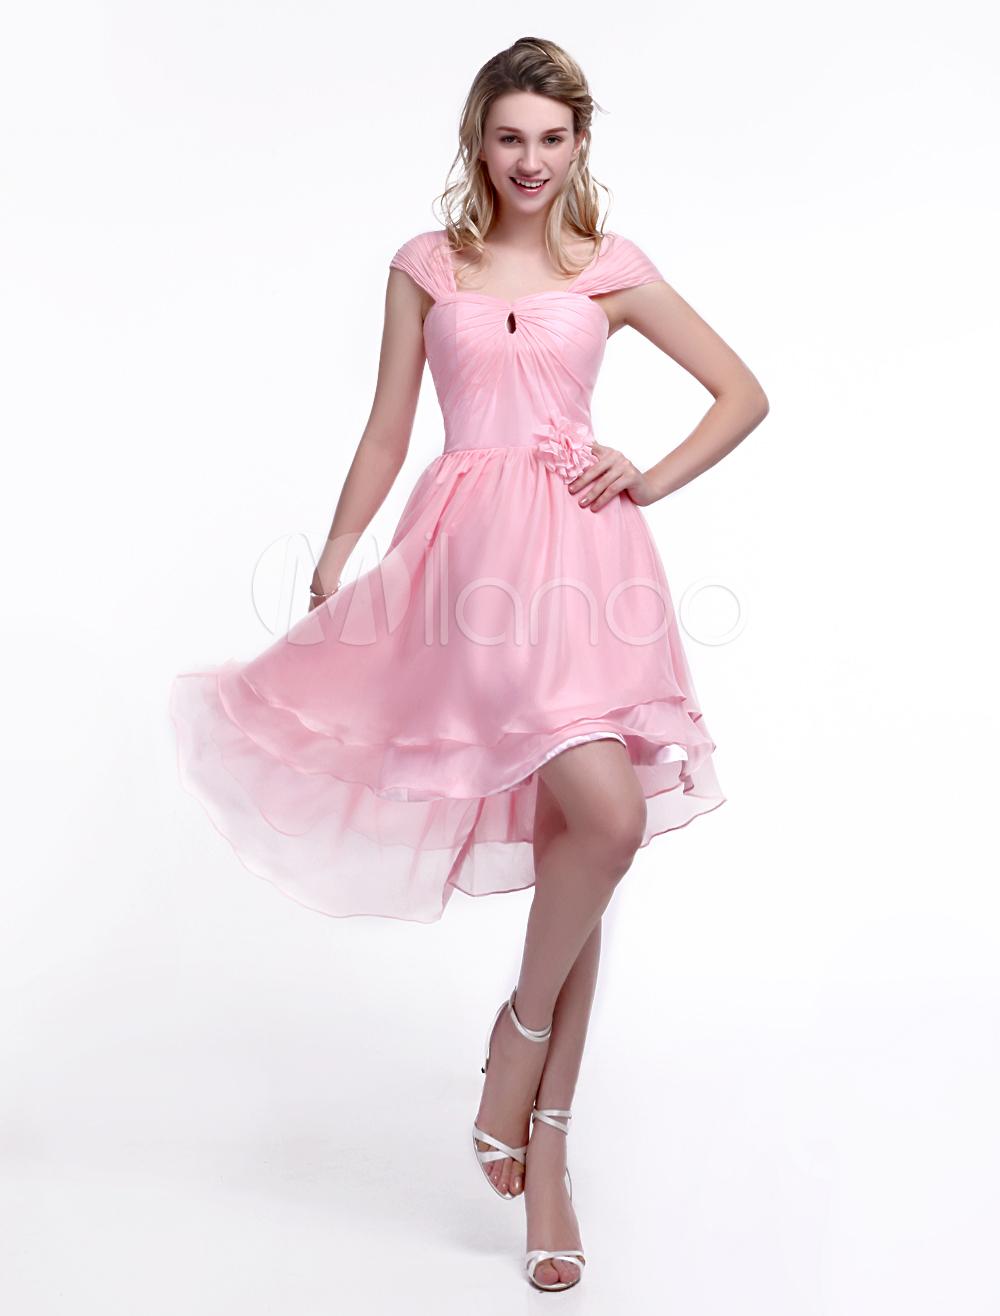 Perfecto Rubor Vestido De Dama Bosquejo - Colección de Vestidos de ...